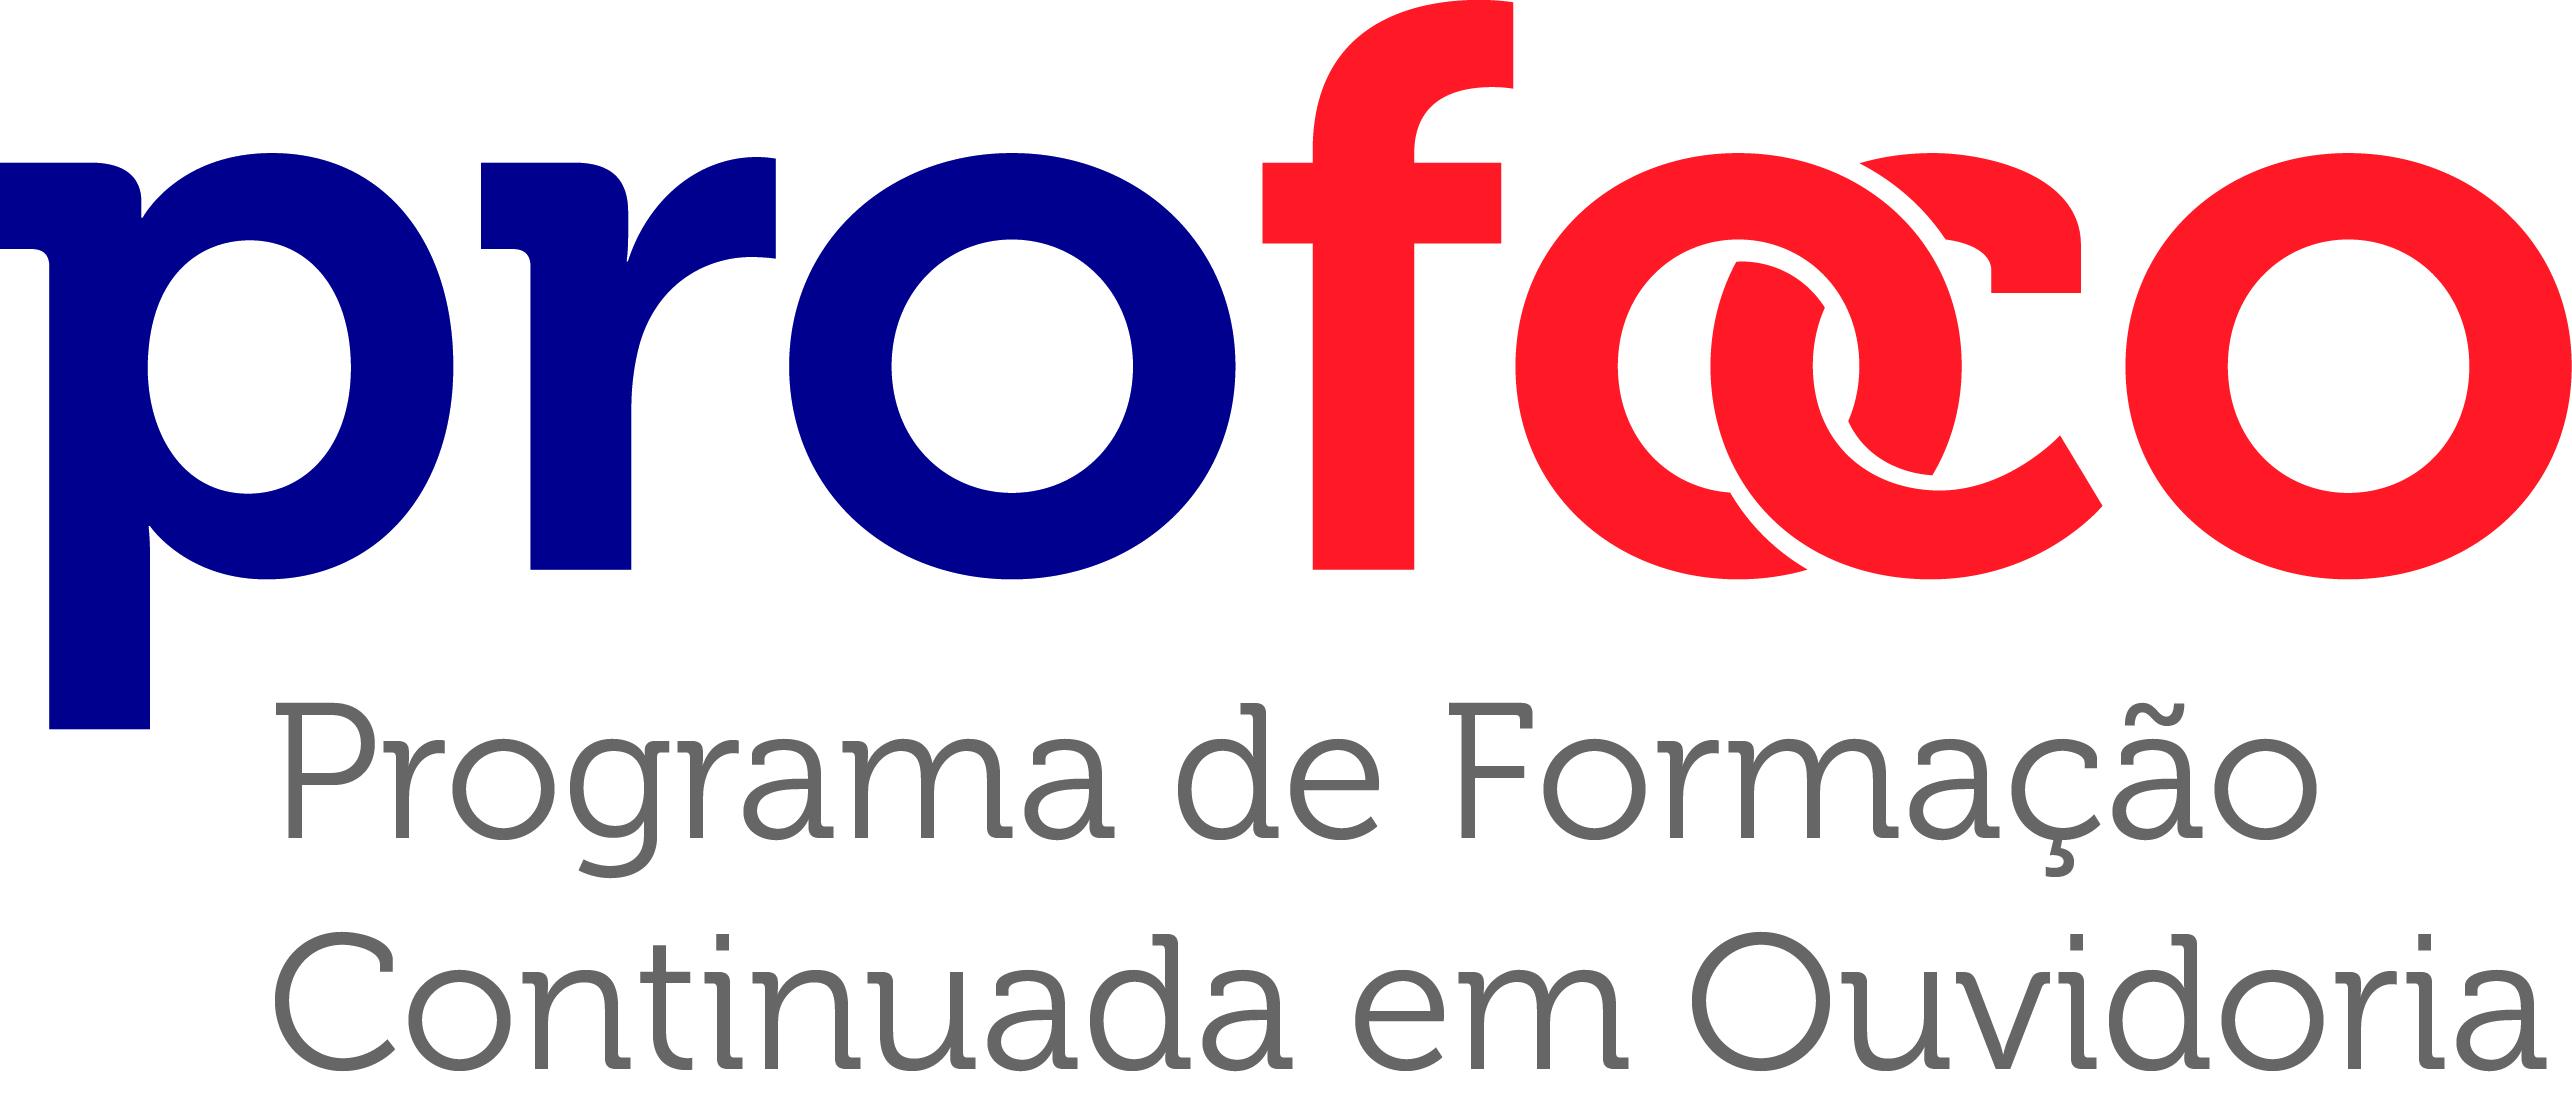 Curso Defesa do Usuário e Simplificação, no período de 16 a 18 de outubro de 2018, na cidade de Brasília/DF